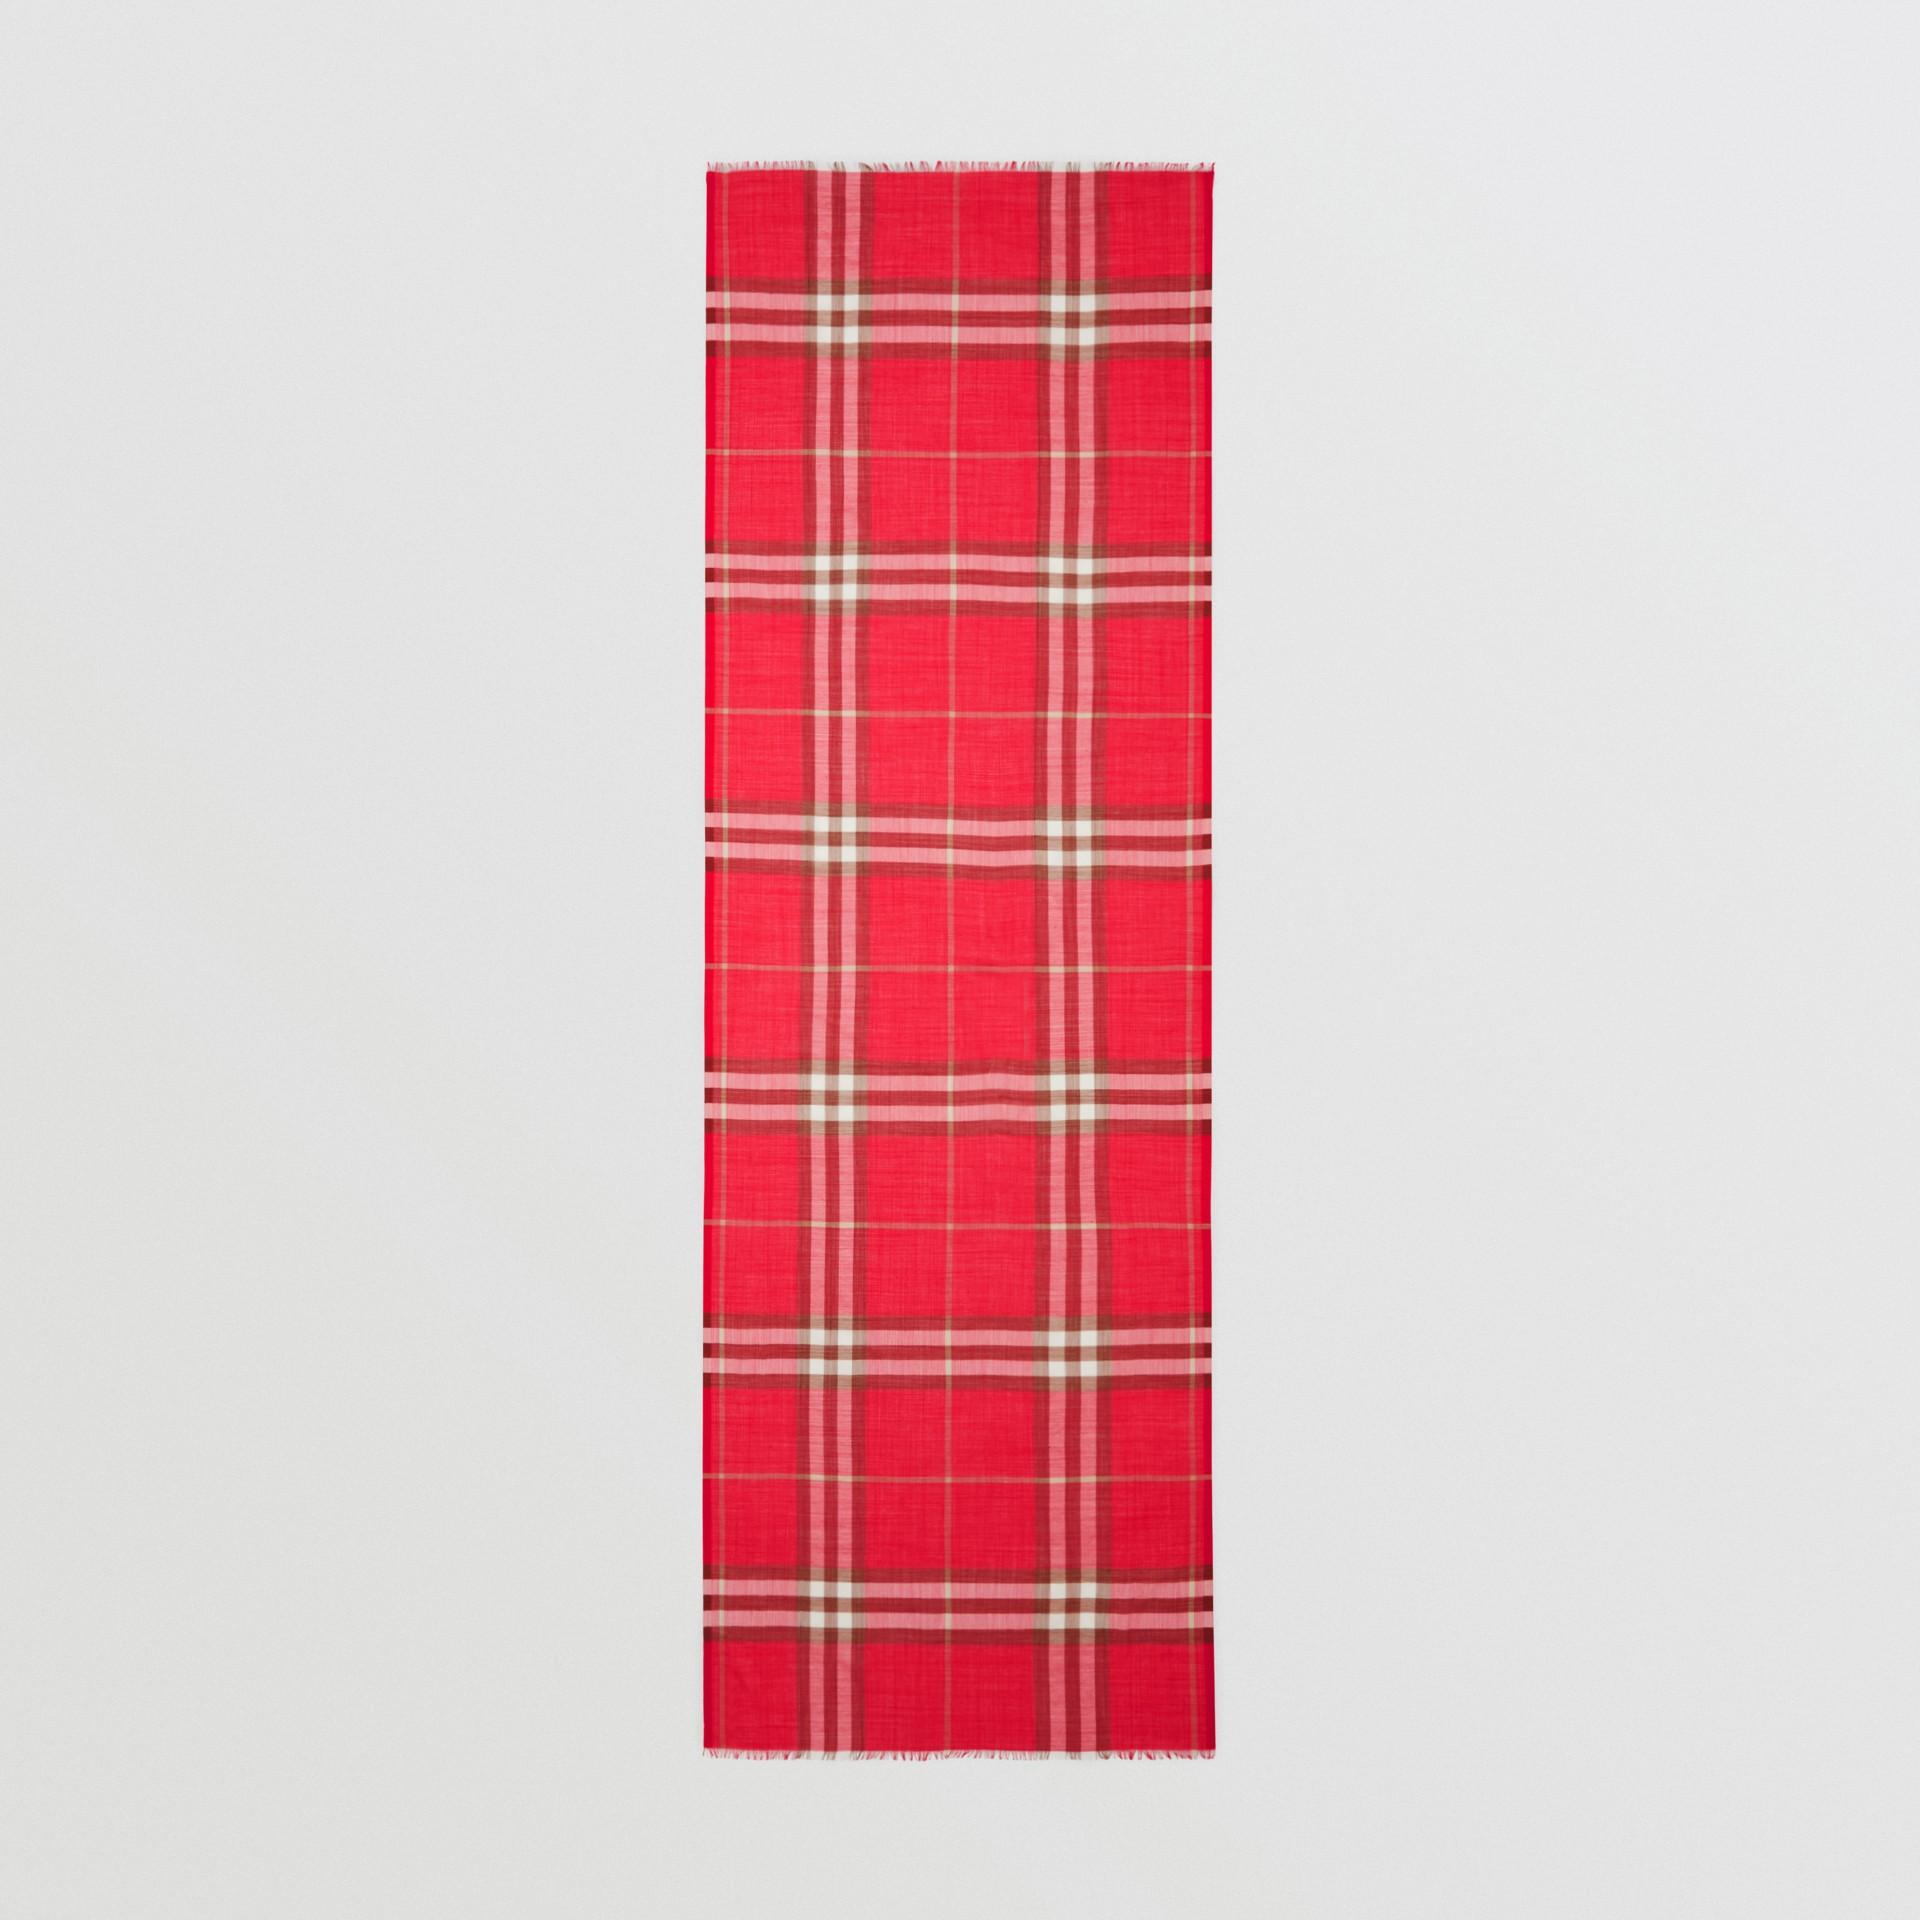 ライトウェイト チェック ウールシルク スカーフ (ブライトレッド) | バーバリー - ギャラリーイメージ 5